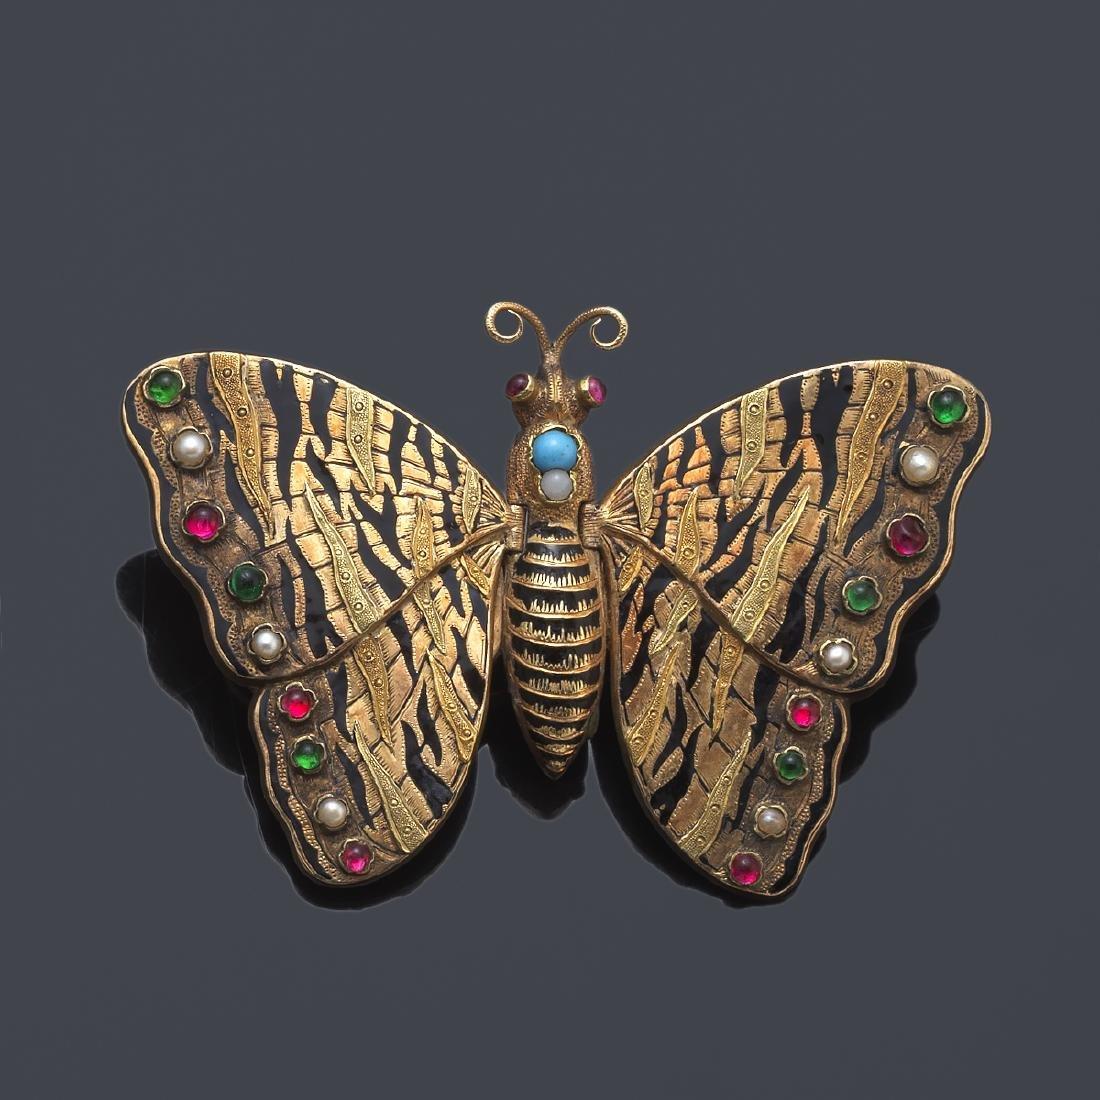 Butterfly-shaped locket brooch in 14K yellow gold.